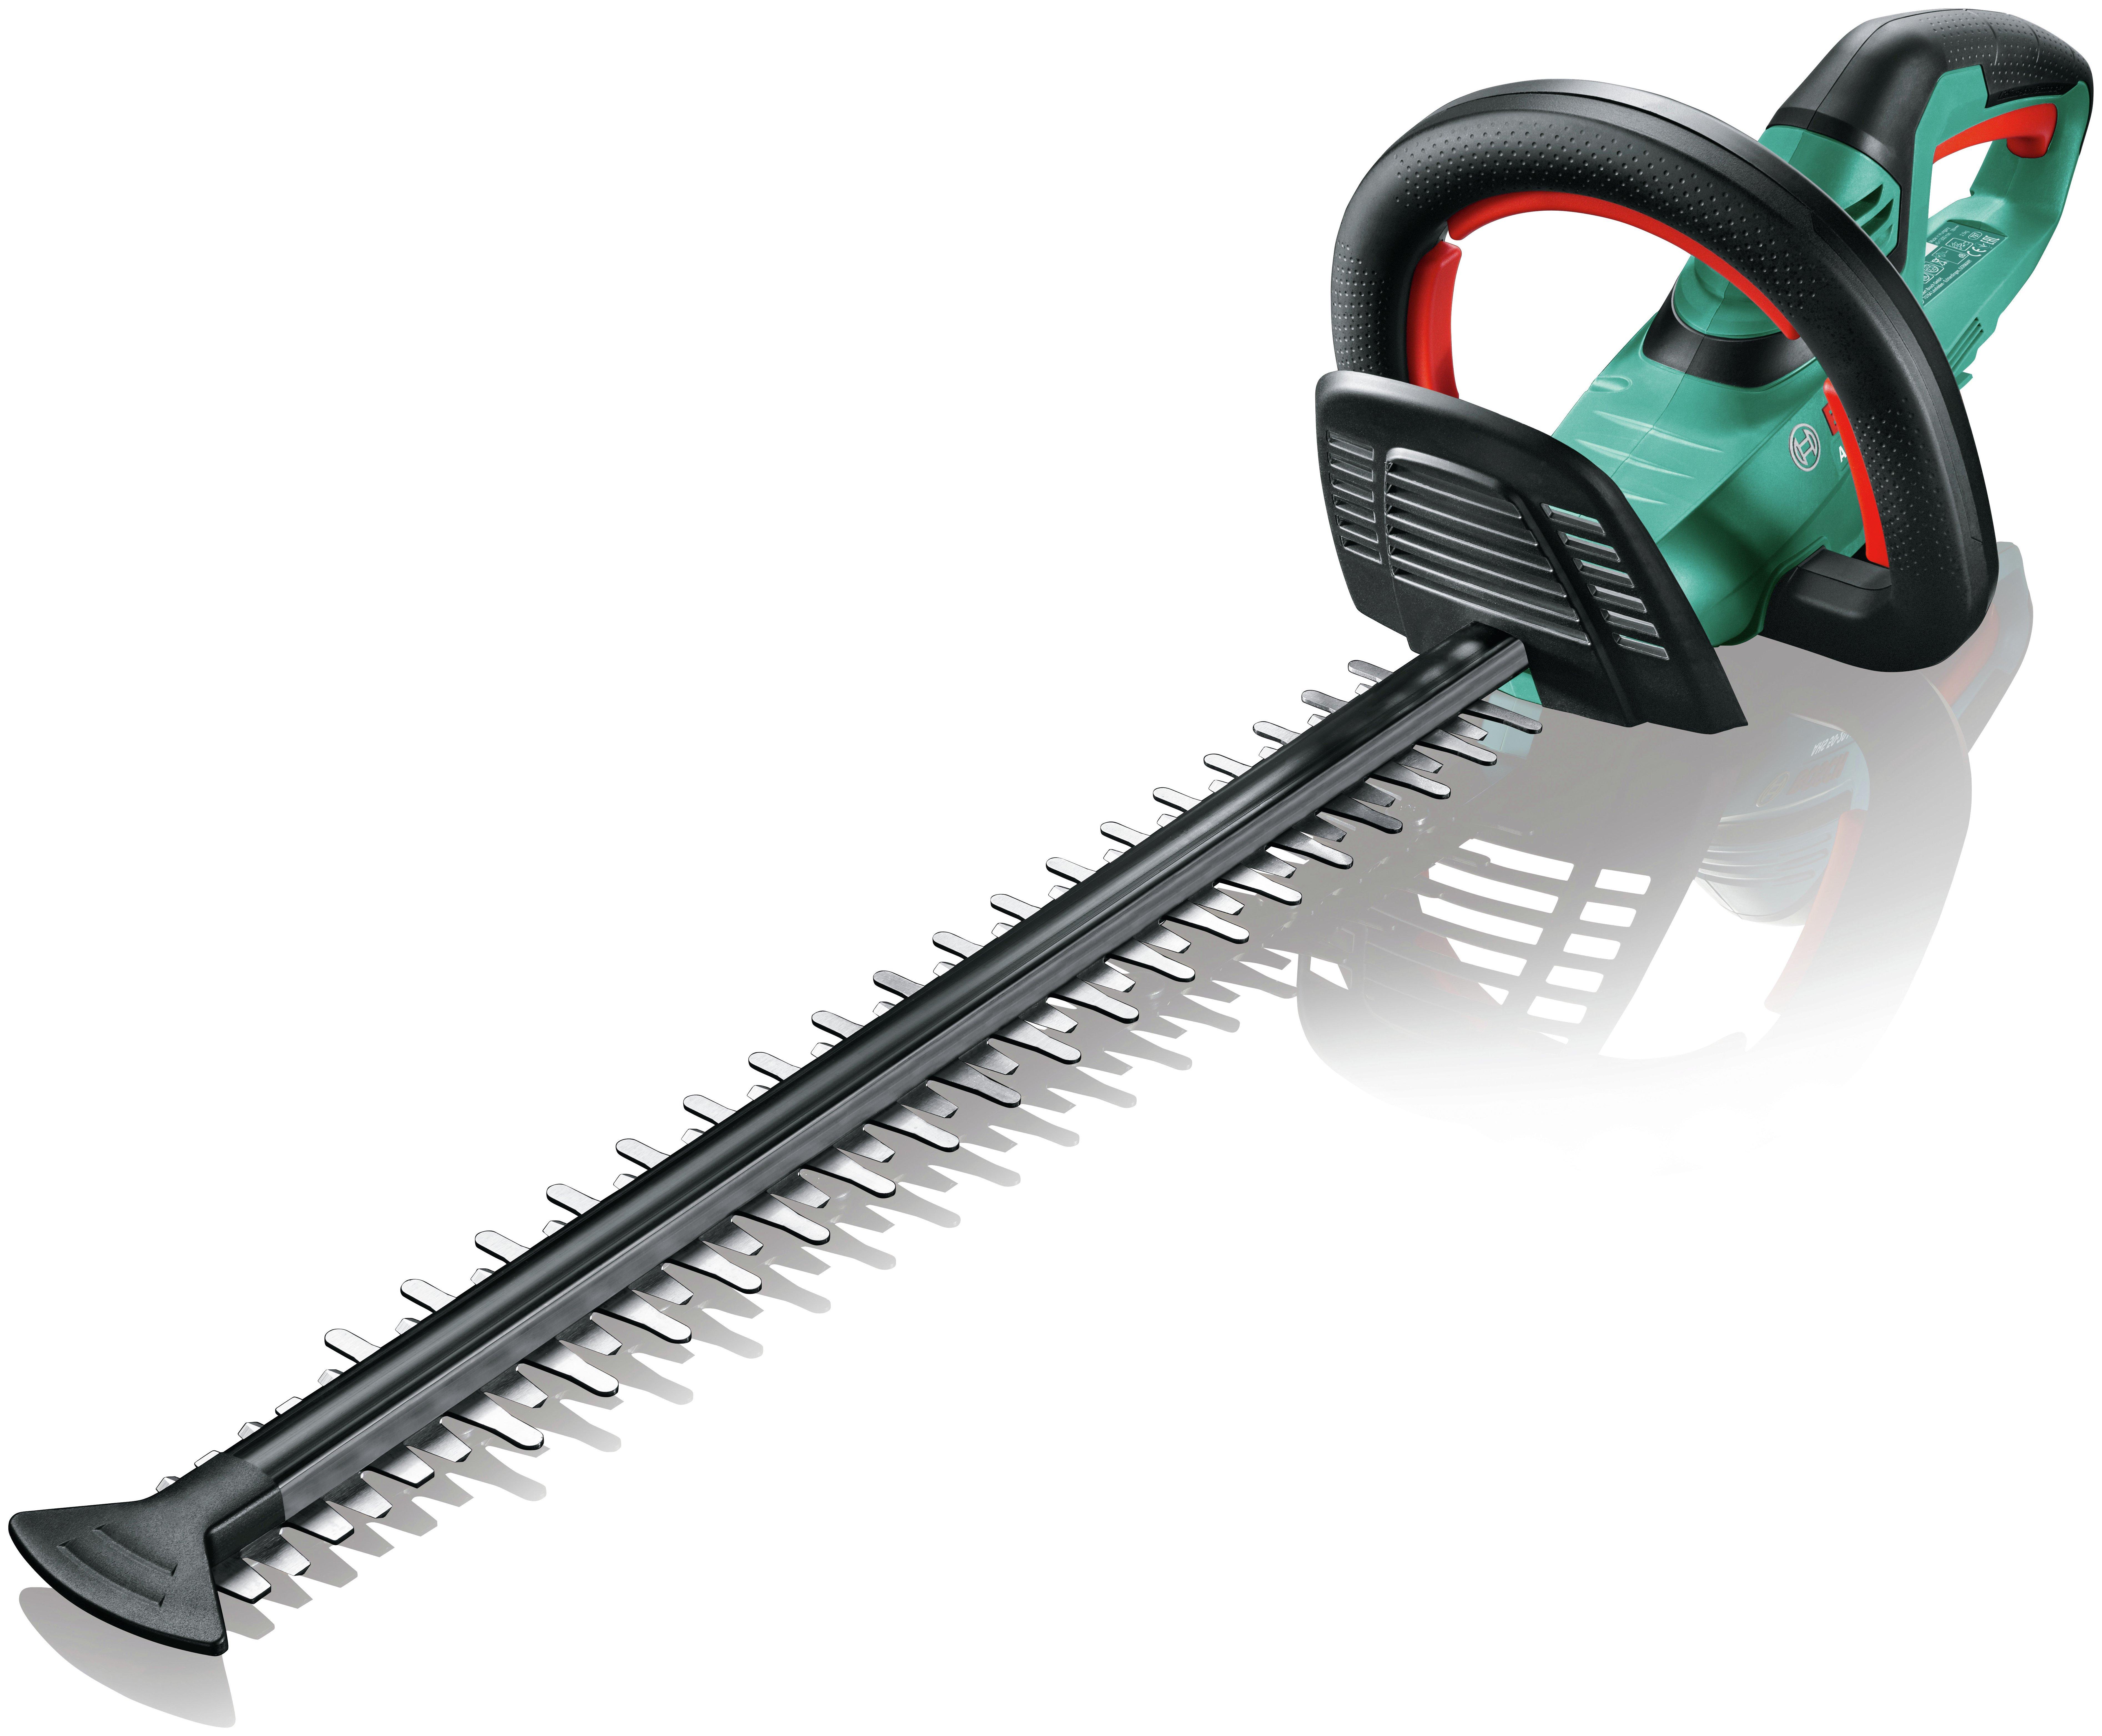 Image of Bosch 18-500 50cm Cordless Hedge Trimmer - 18V